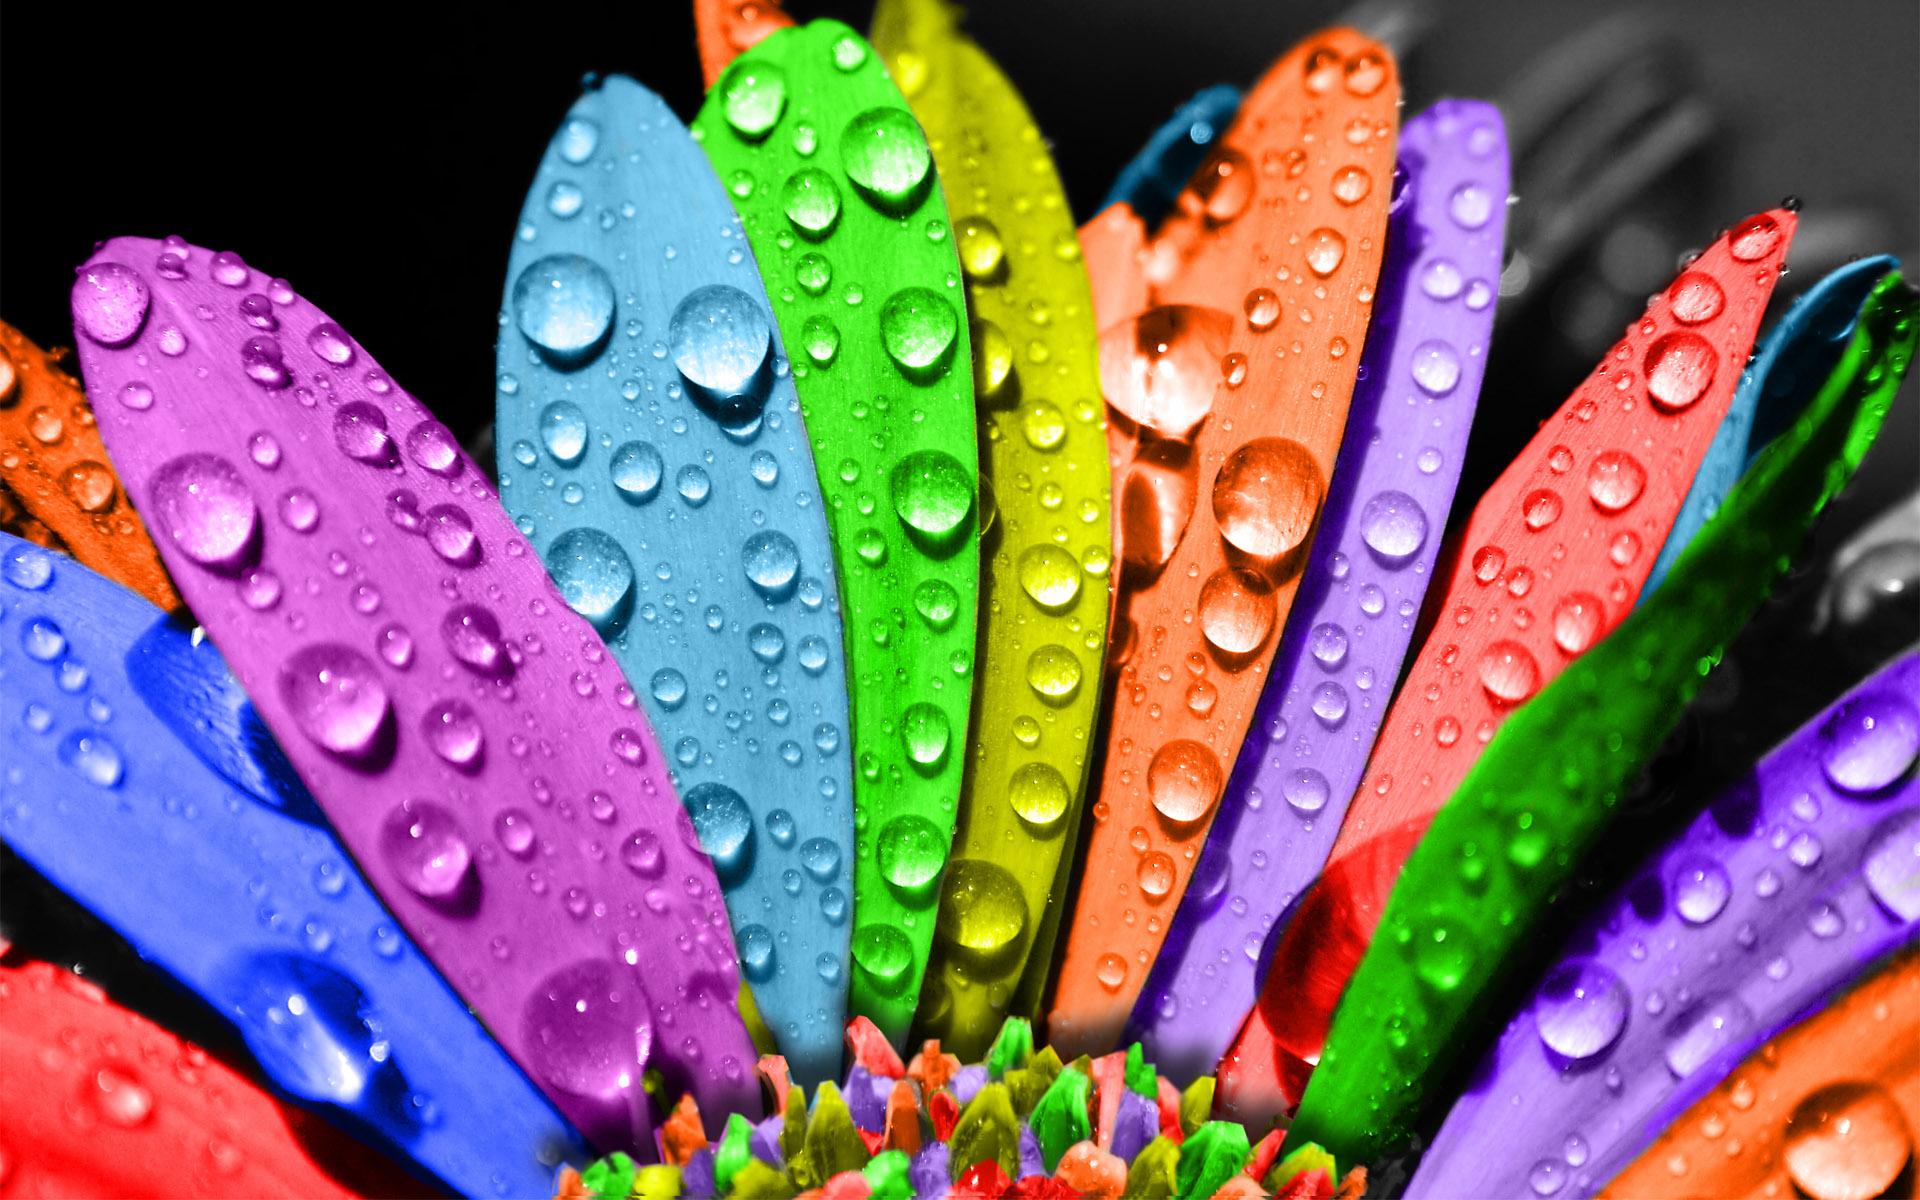 Creative_Wallpaper_Colored_Petals_020711_-2